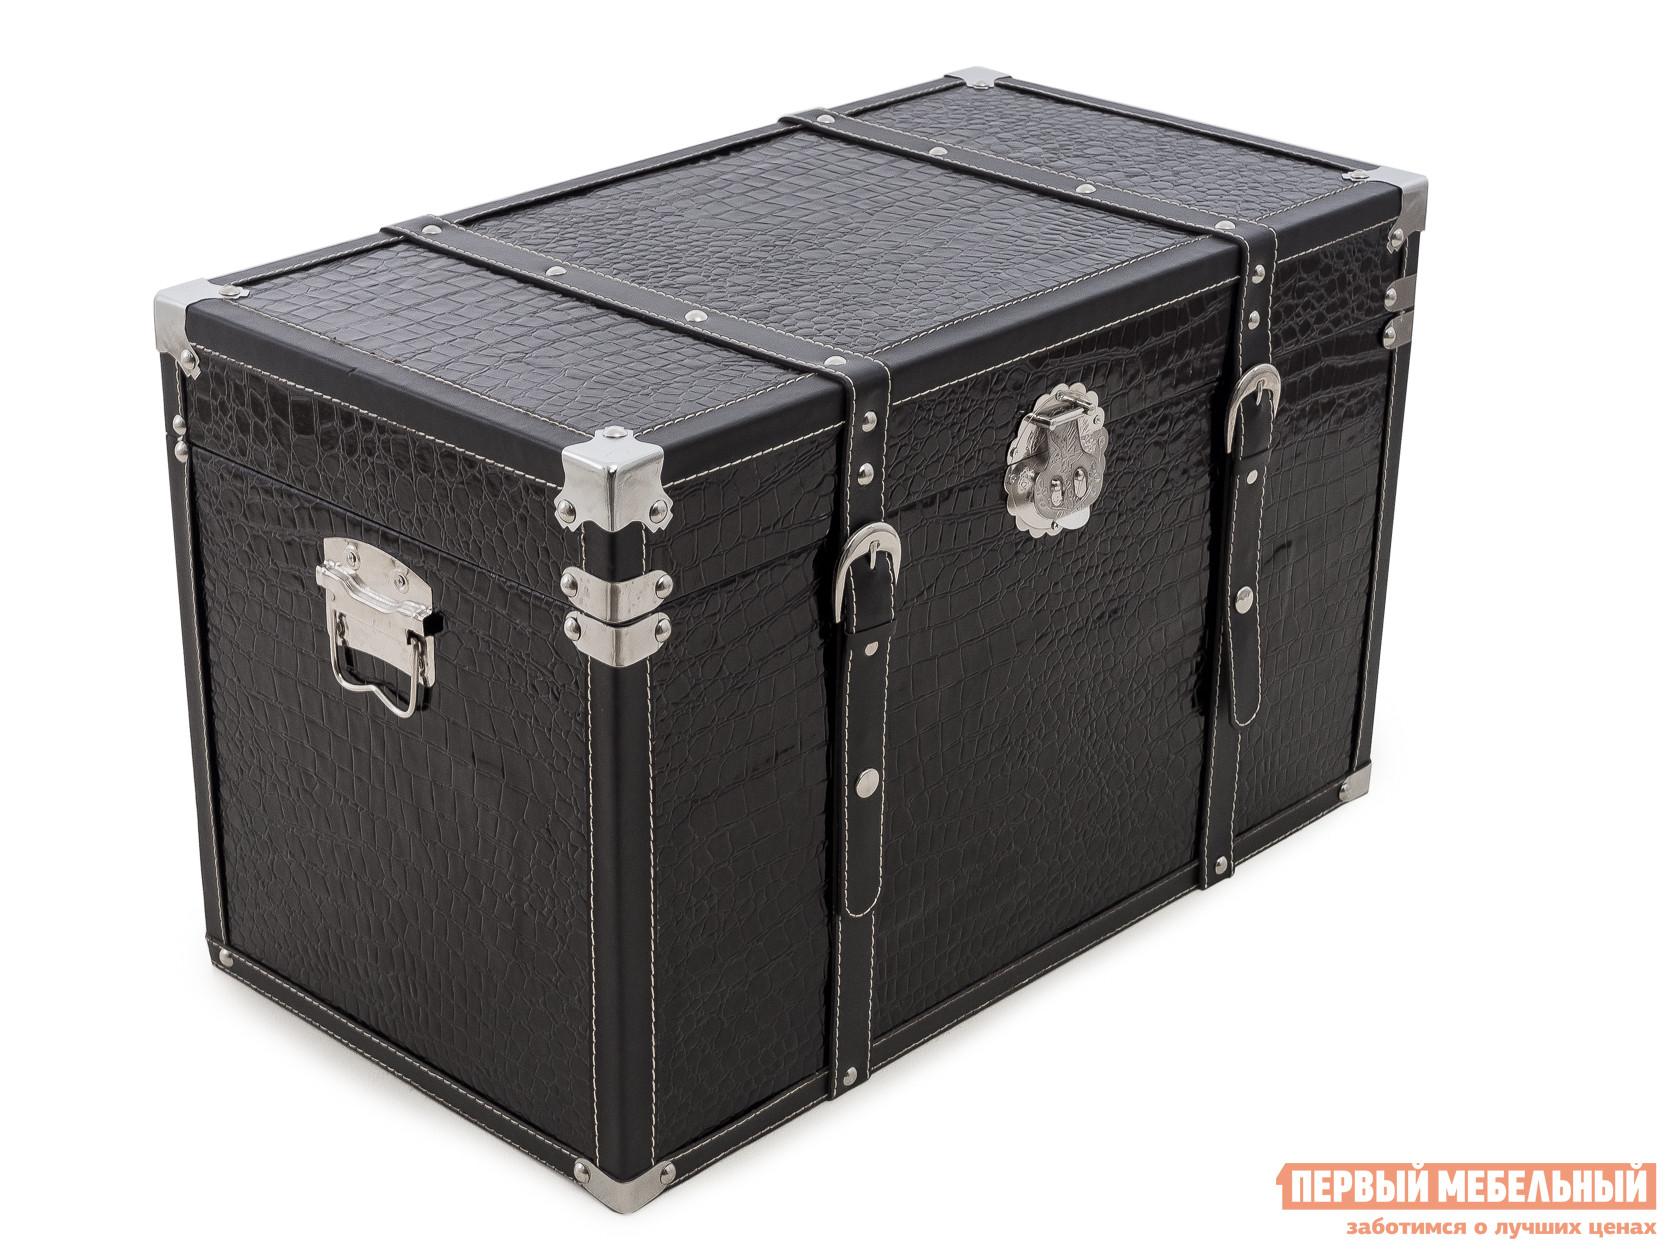 Банкетка МебельТорг 2557 L/M/S Черный, Средний